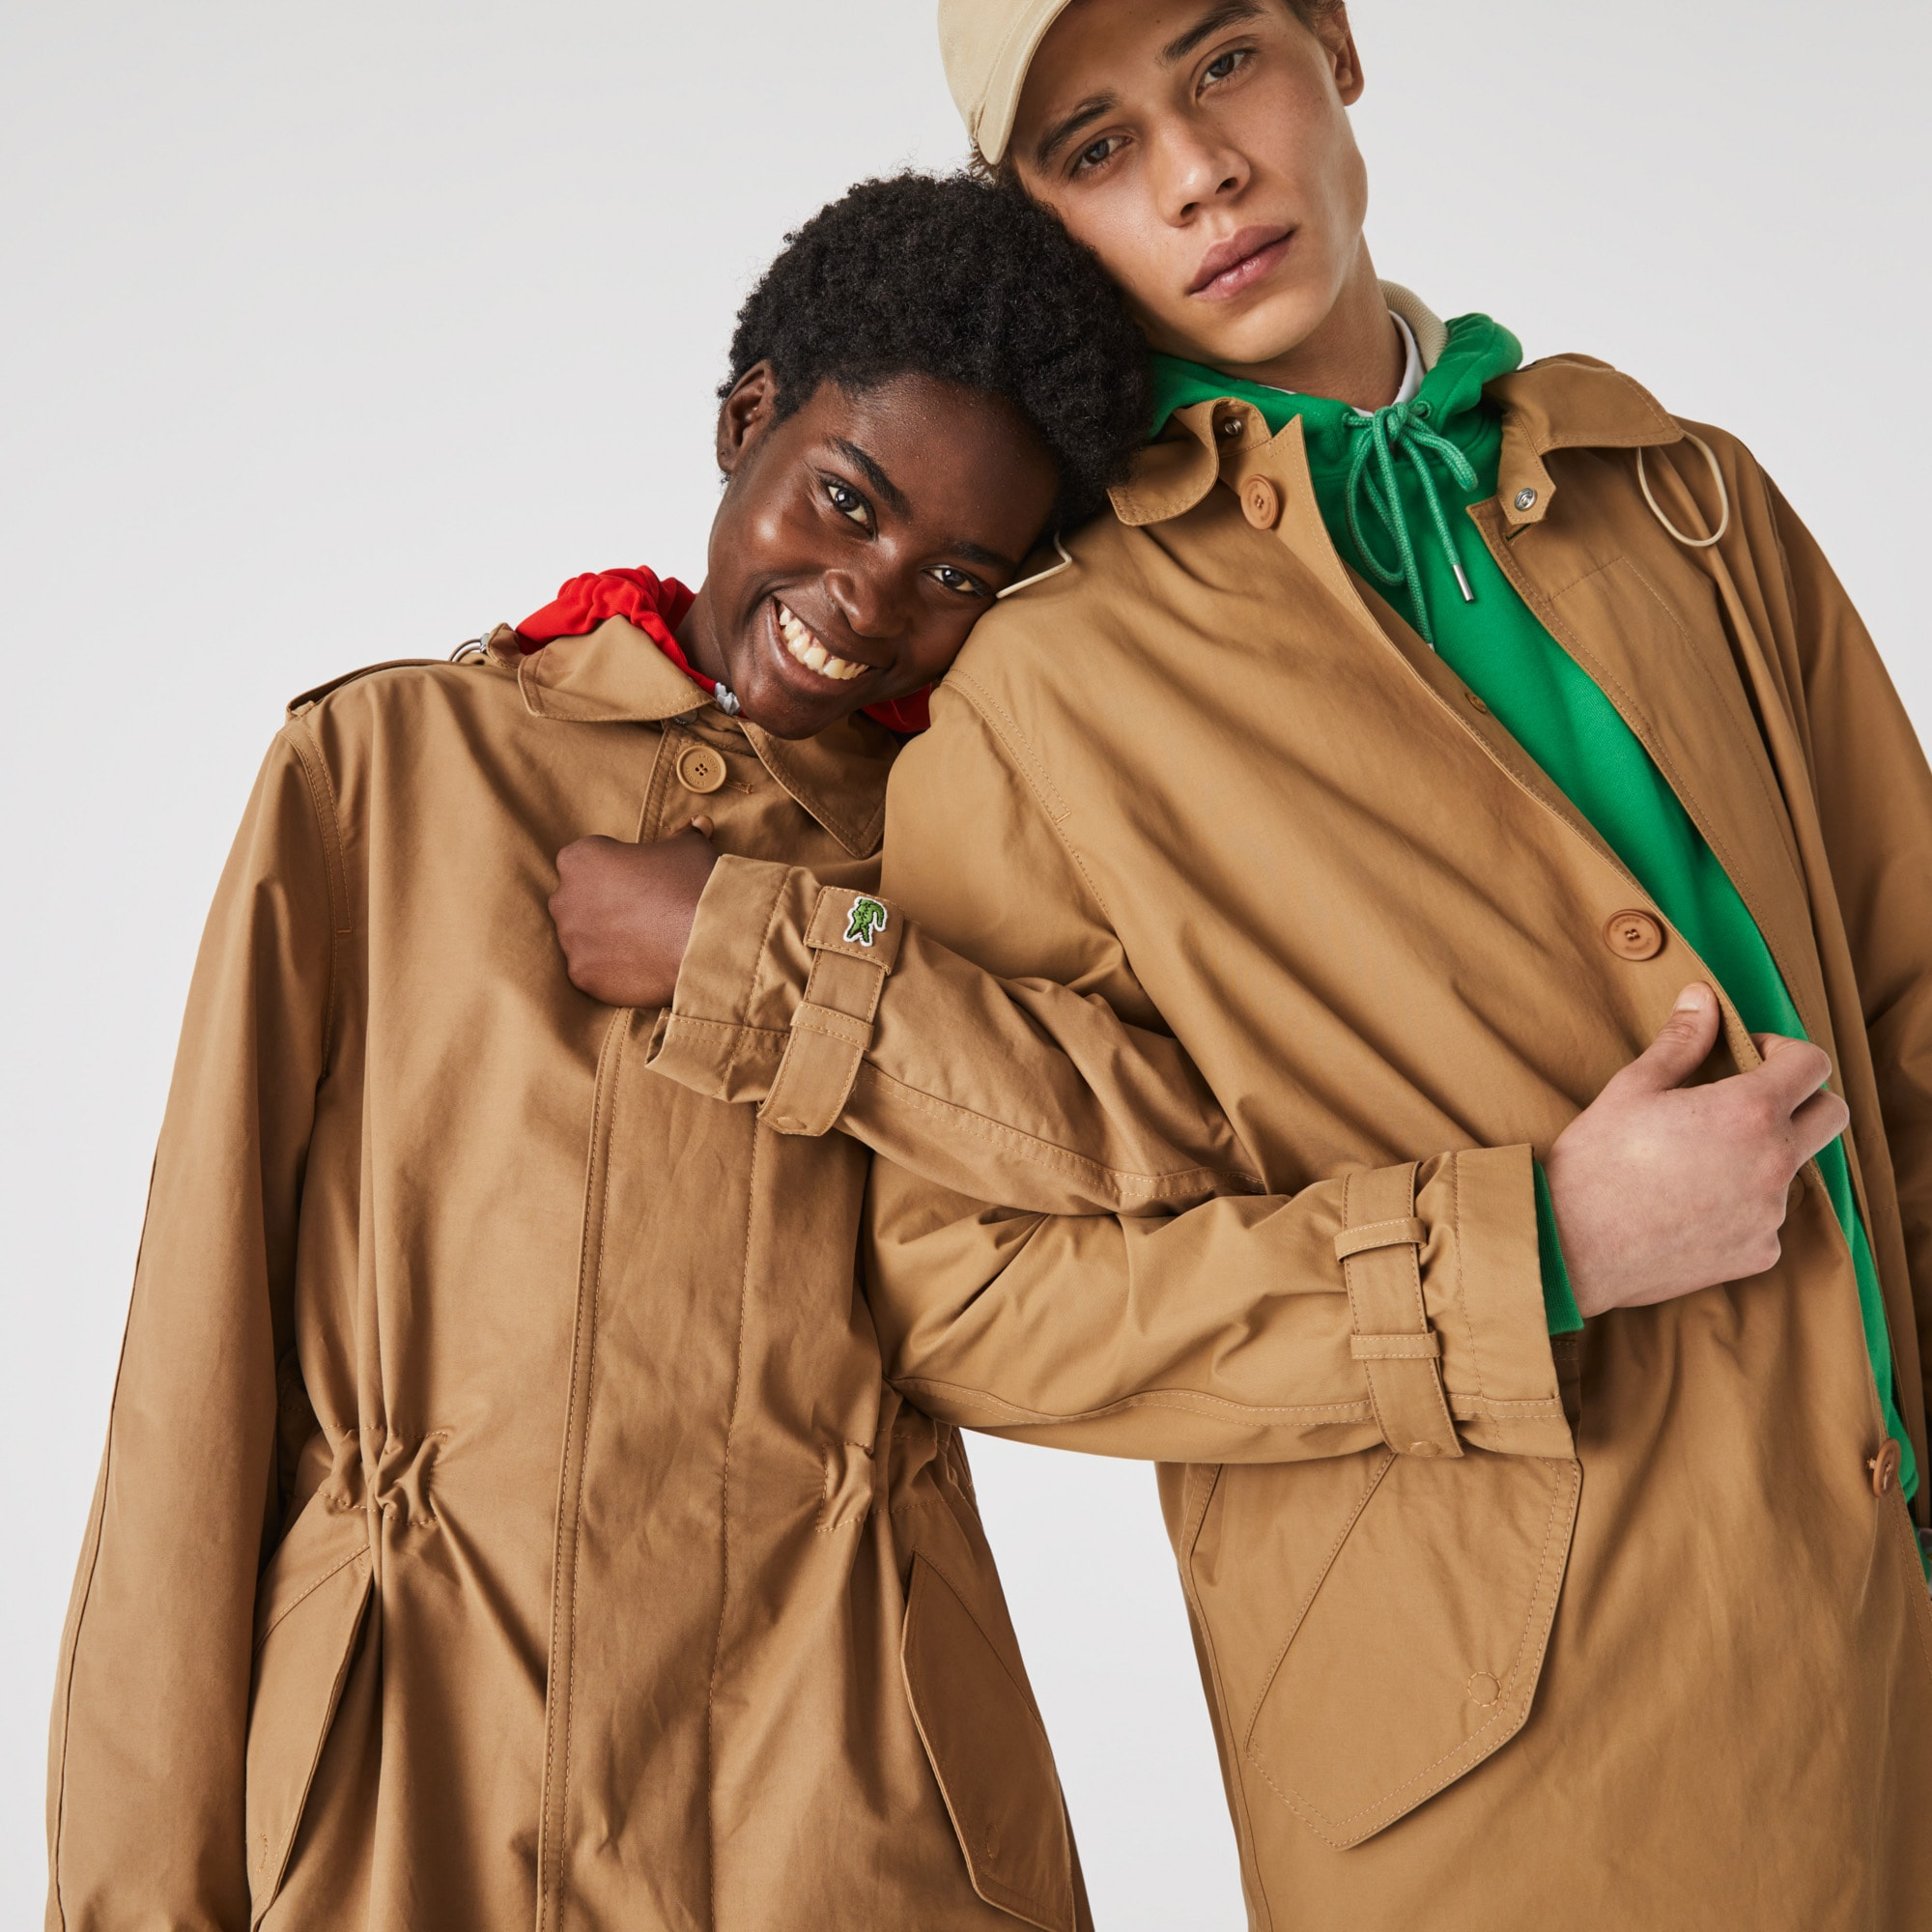 라코스테 남녀공용 경량 캔버스 트렌치 코트 - 베이지 Lacoste Unisex Lightweight Canvas Trench Coat